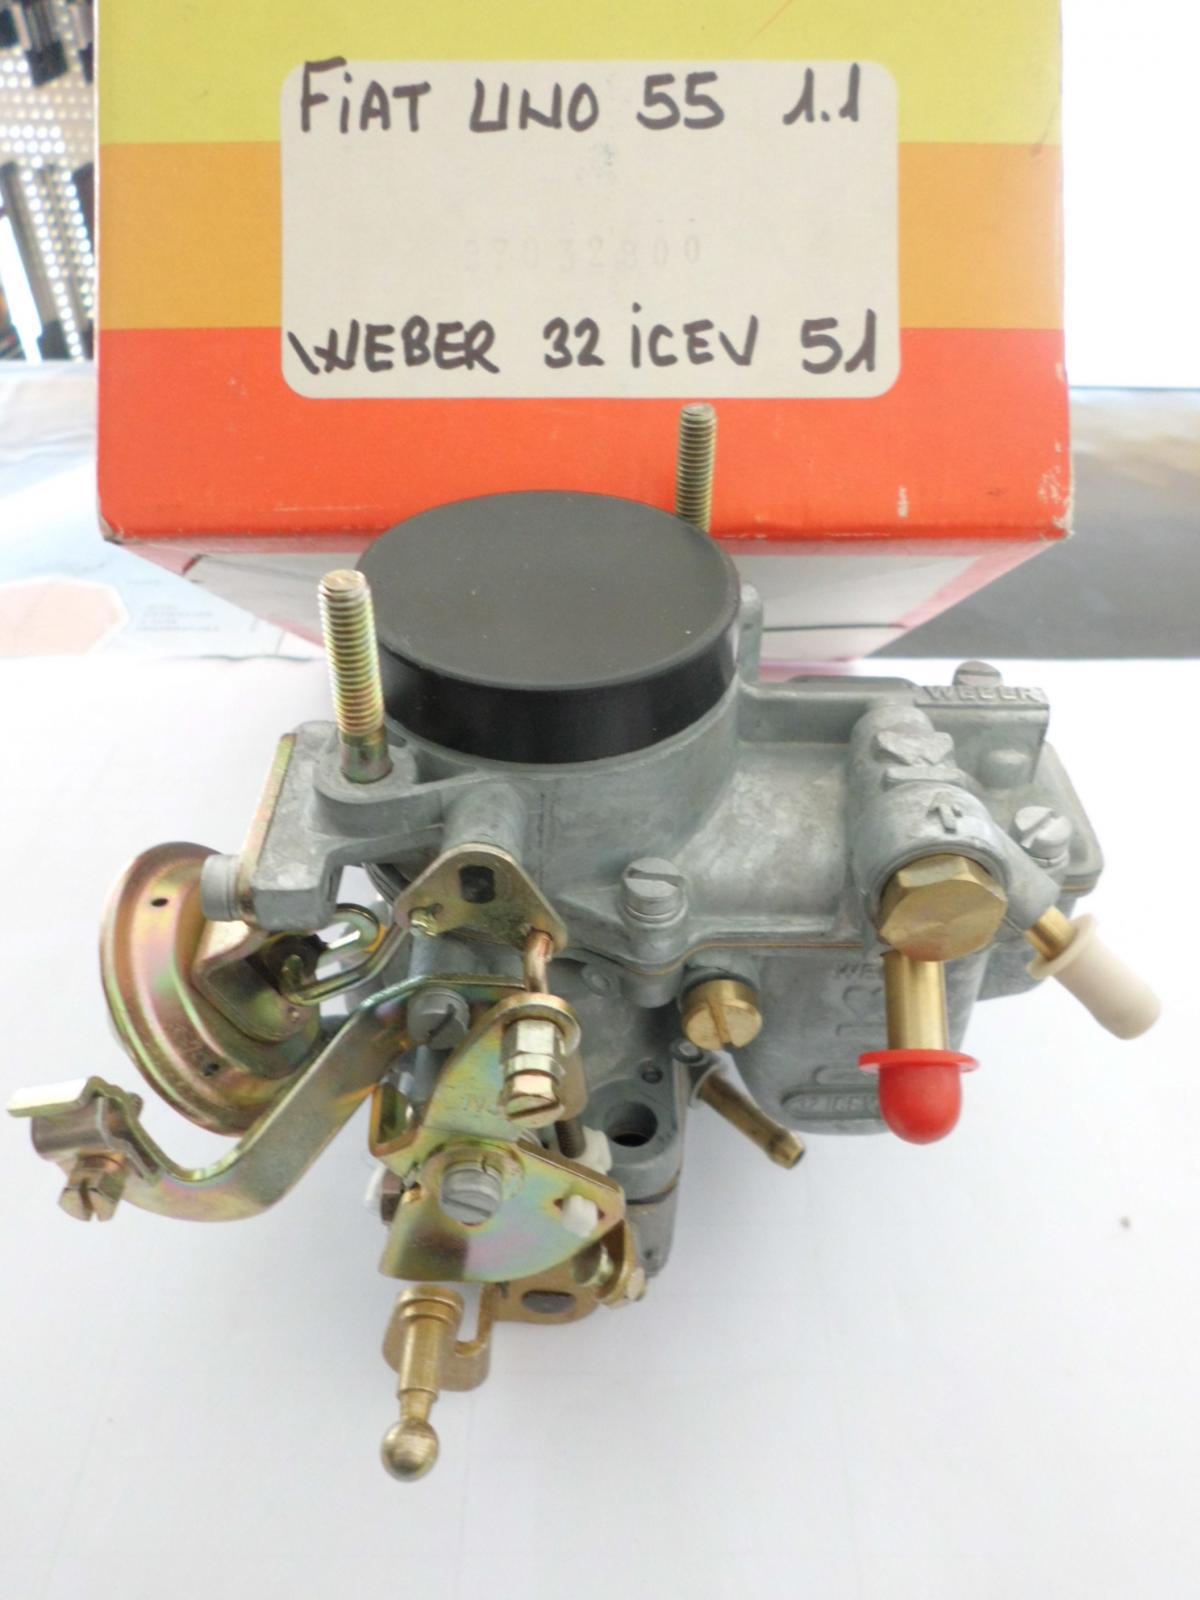 Fiat Uno 55 1.1